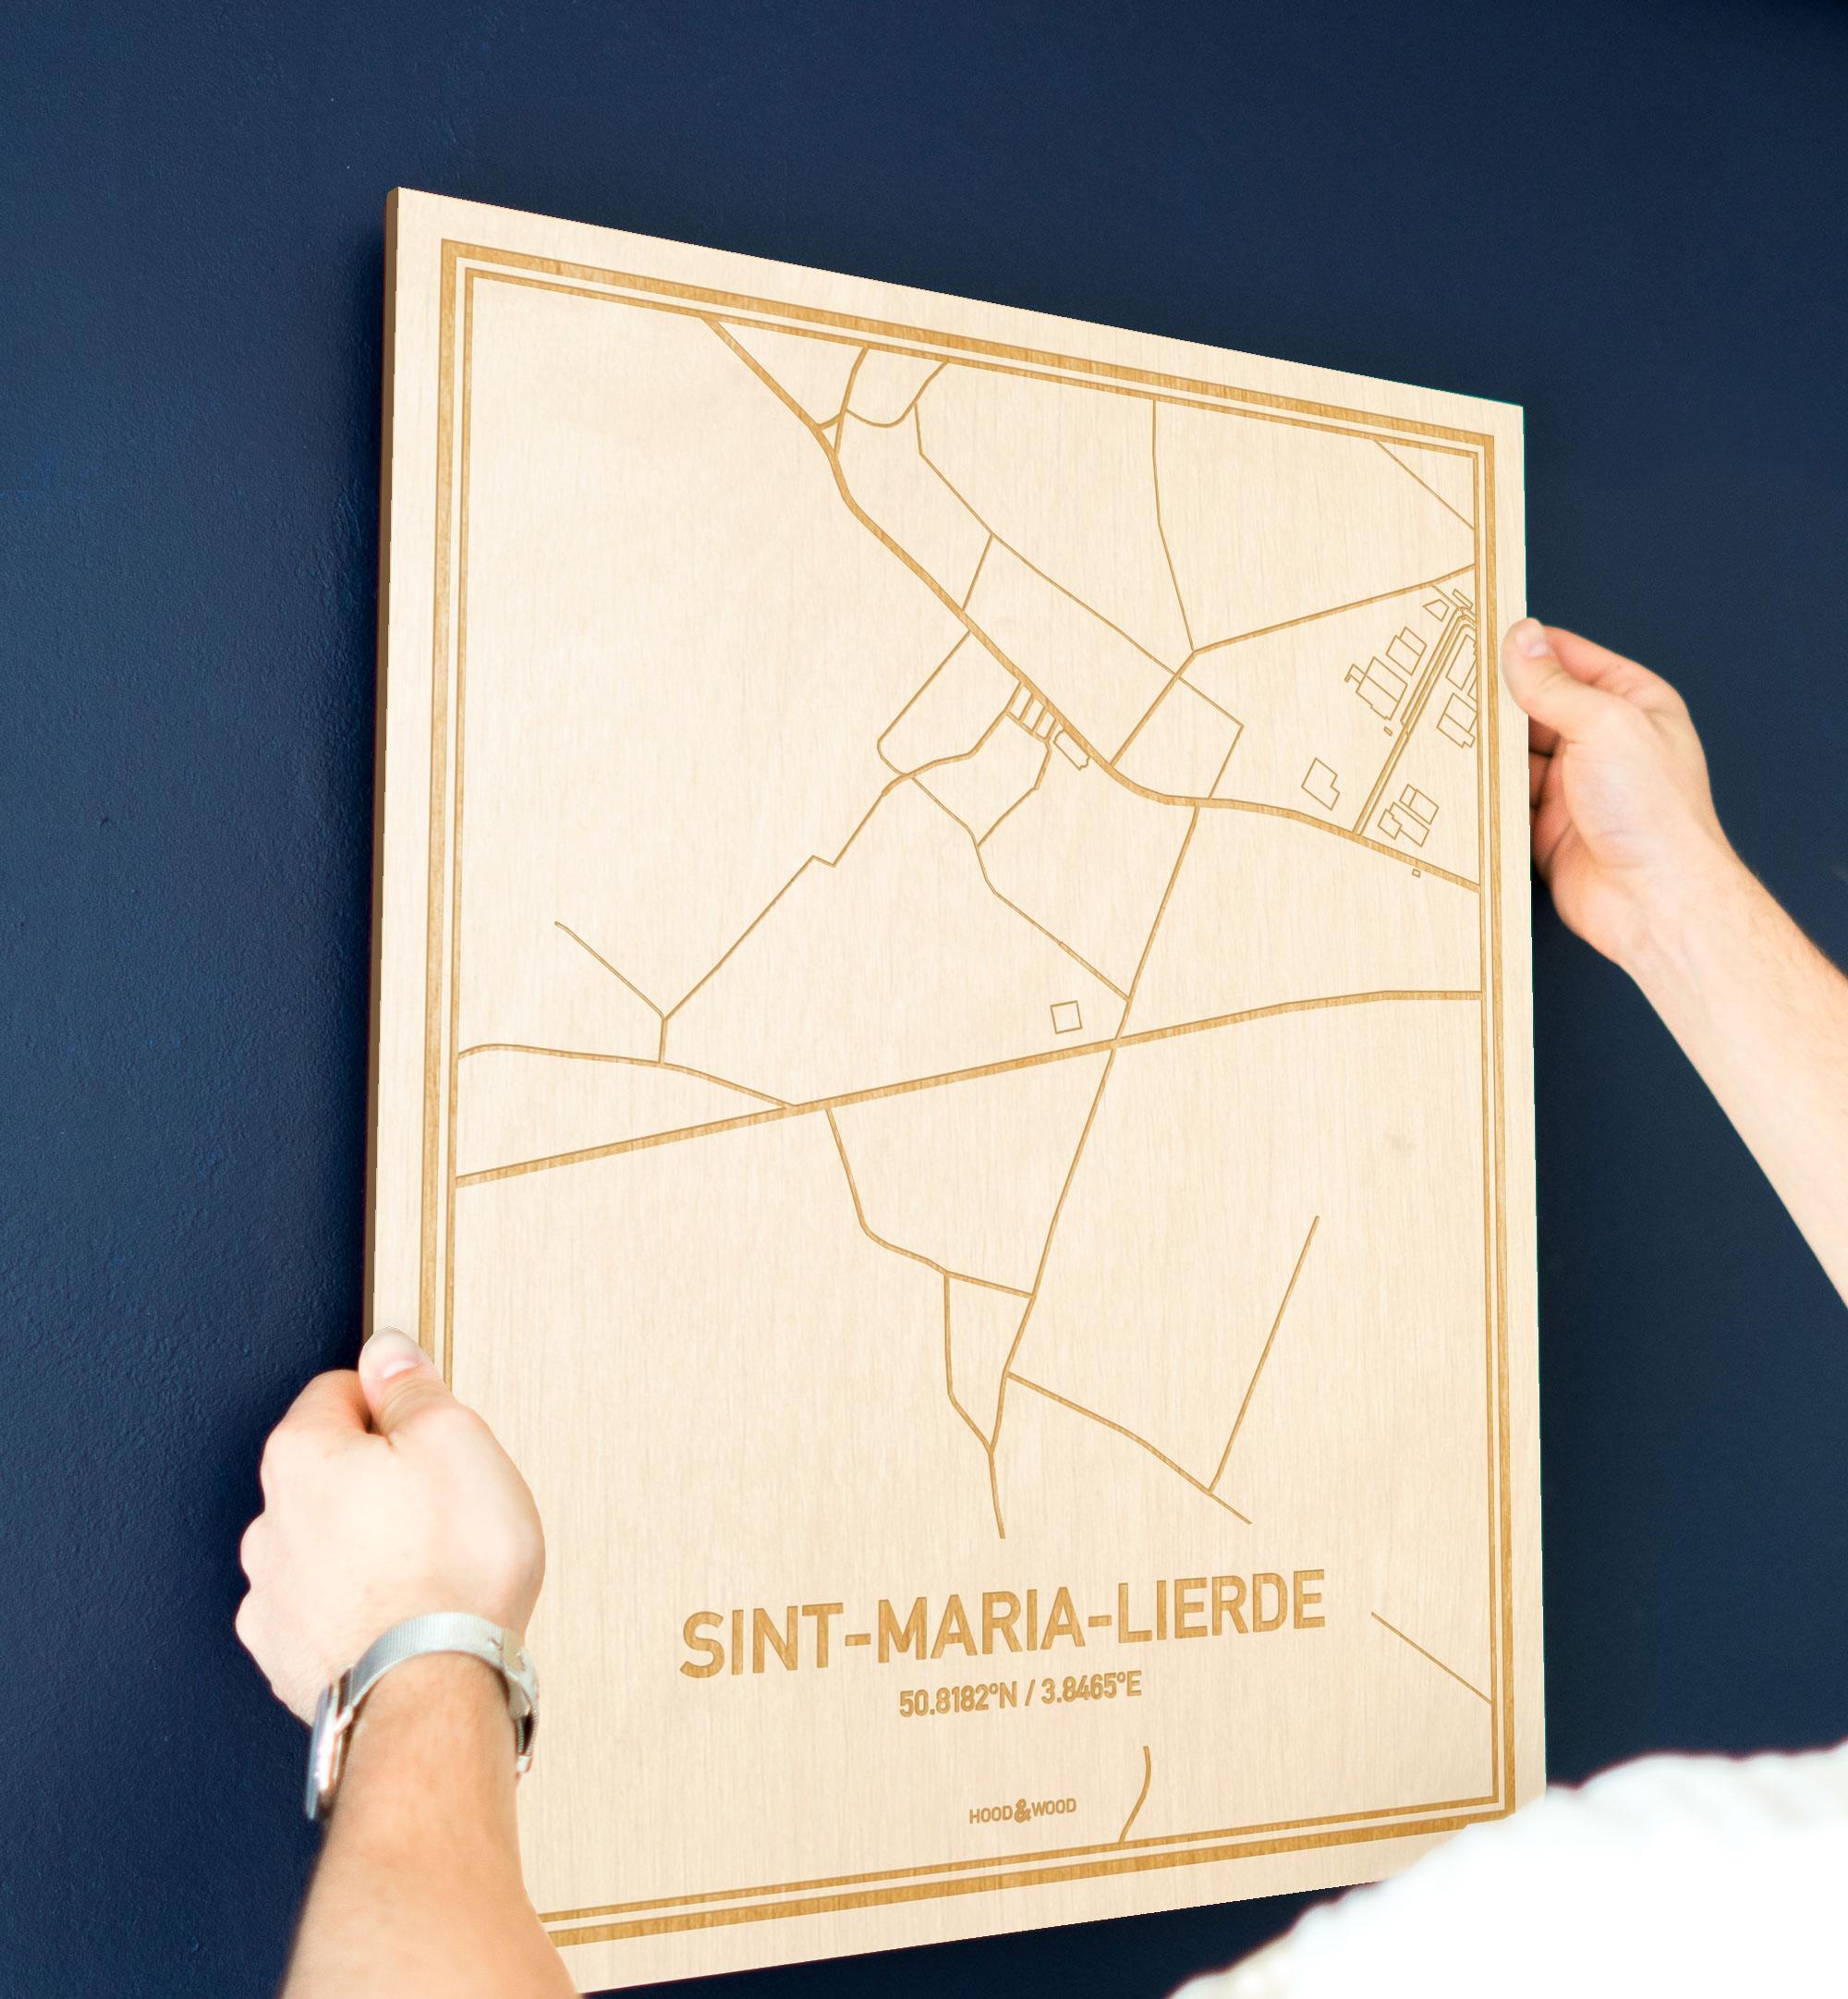 Een man hangt de houten plattegrond Sint-Maria-Lierde aan zijn blauwe muur ter decoratie. Je ziet alleen zijn handen de kaart van deze bijzondere in Oost-Vlaanderen  vasthouden.